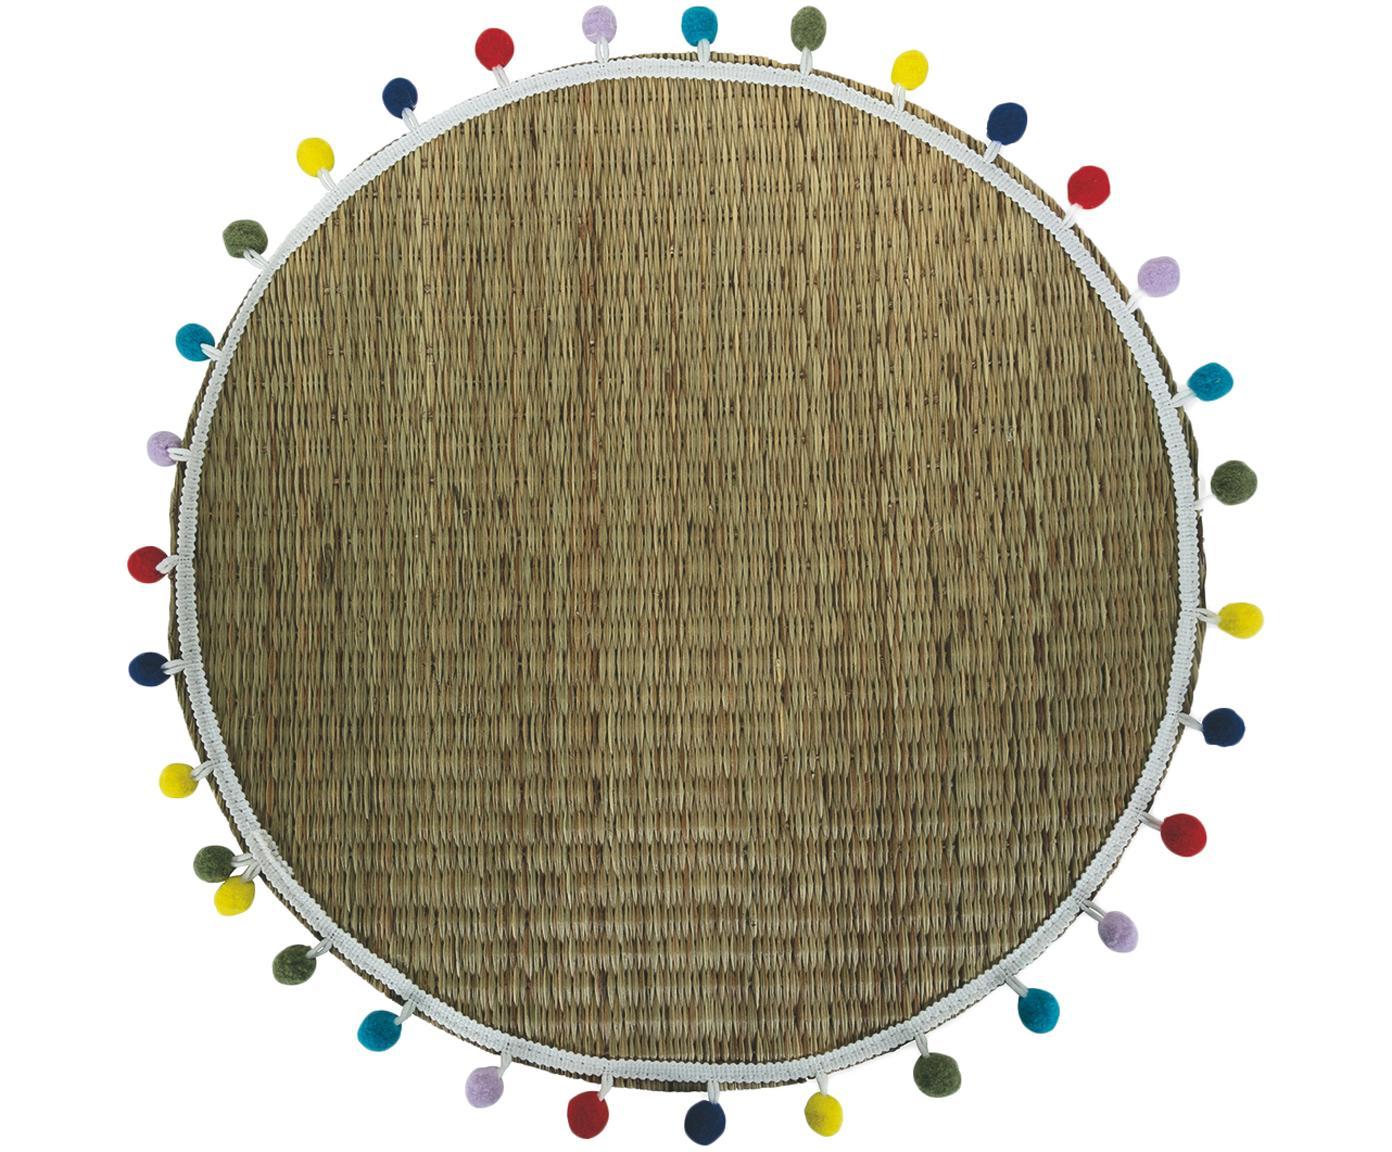 Tovaglietta rotonda con pompon Mexico 2 pz, Rafia, Beige, multicolore, Ø 38 cm